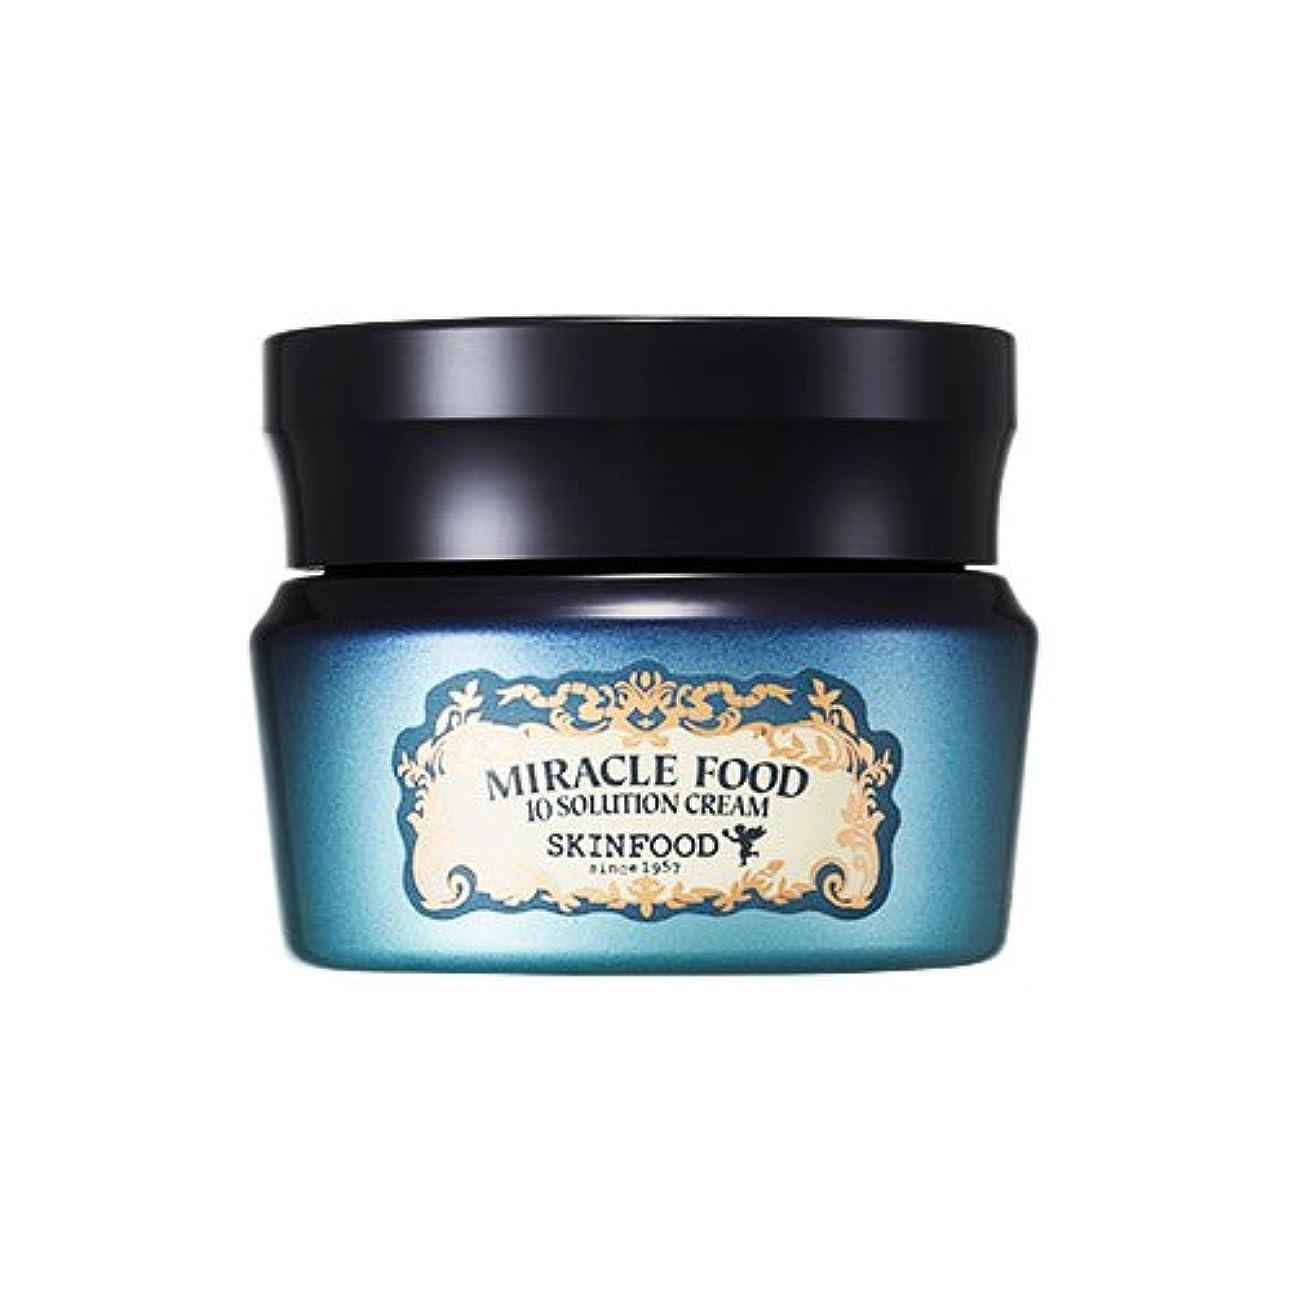 医師守る想像するSkinfood ミラクルフード10ソリューションクリーム(美白効果としわ防止効果) / Miracle Food 10 Solution Cream (Skin-Brightening and Anti-Wrinkle...